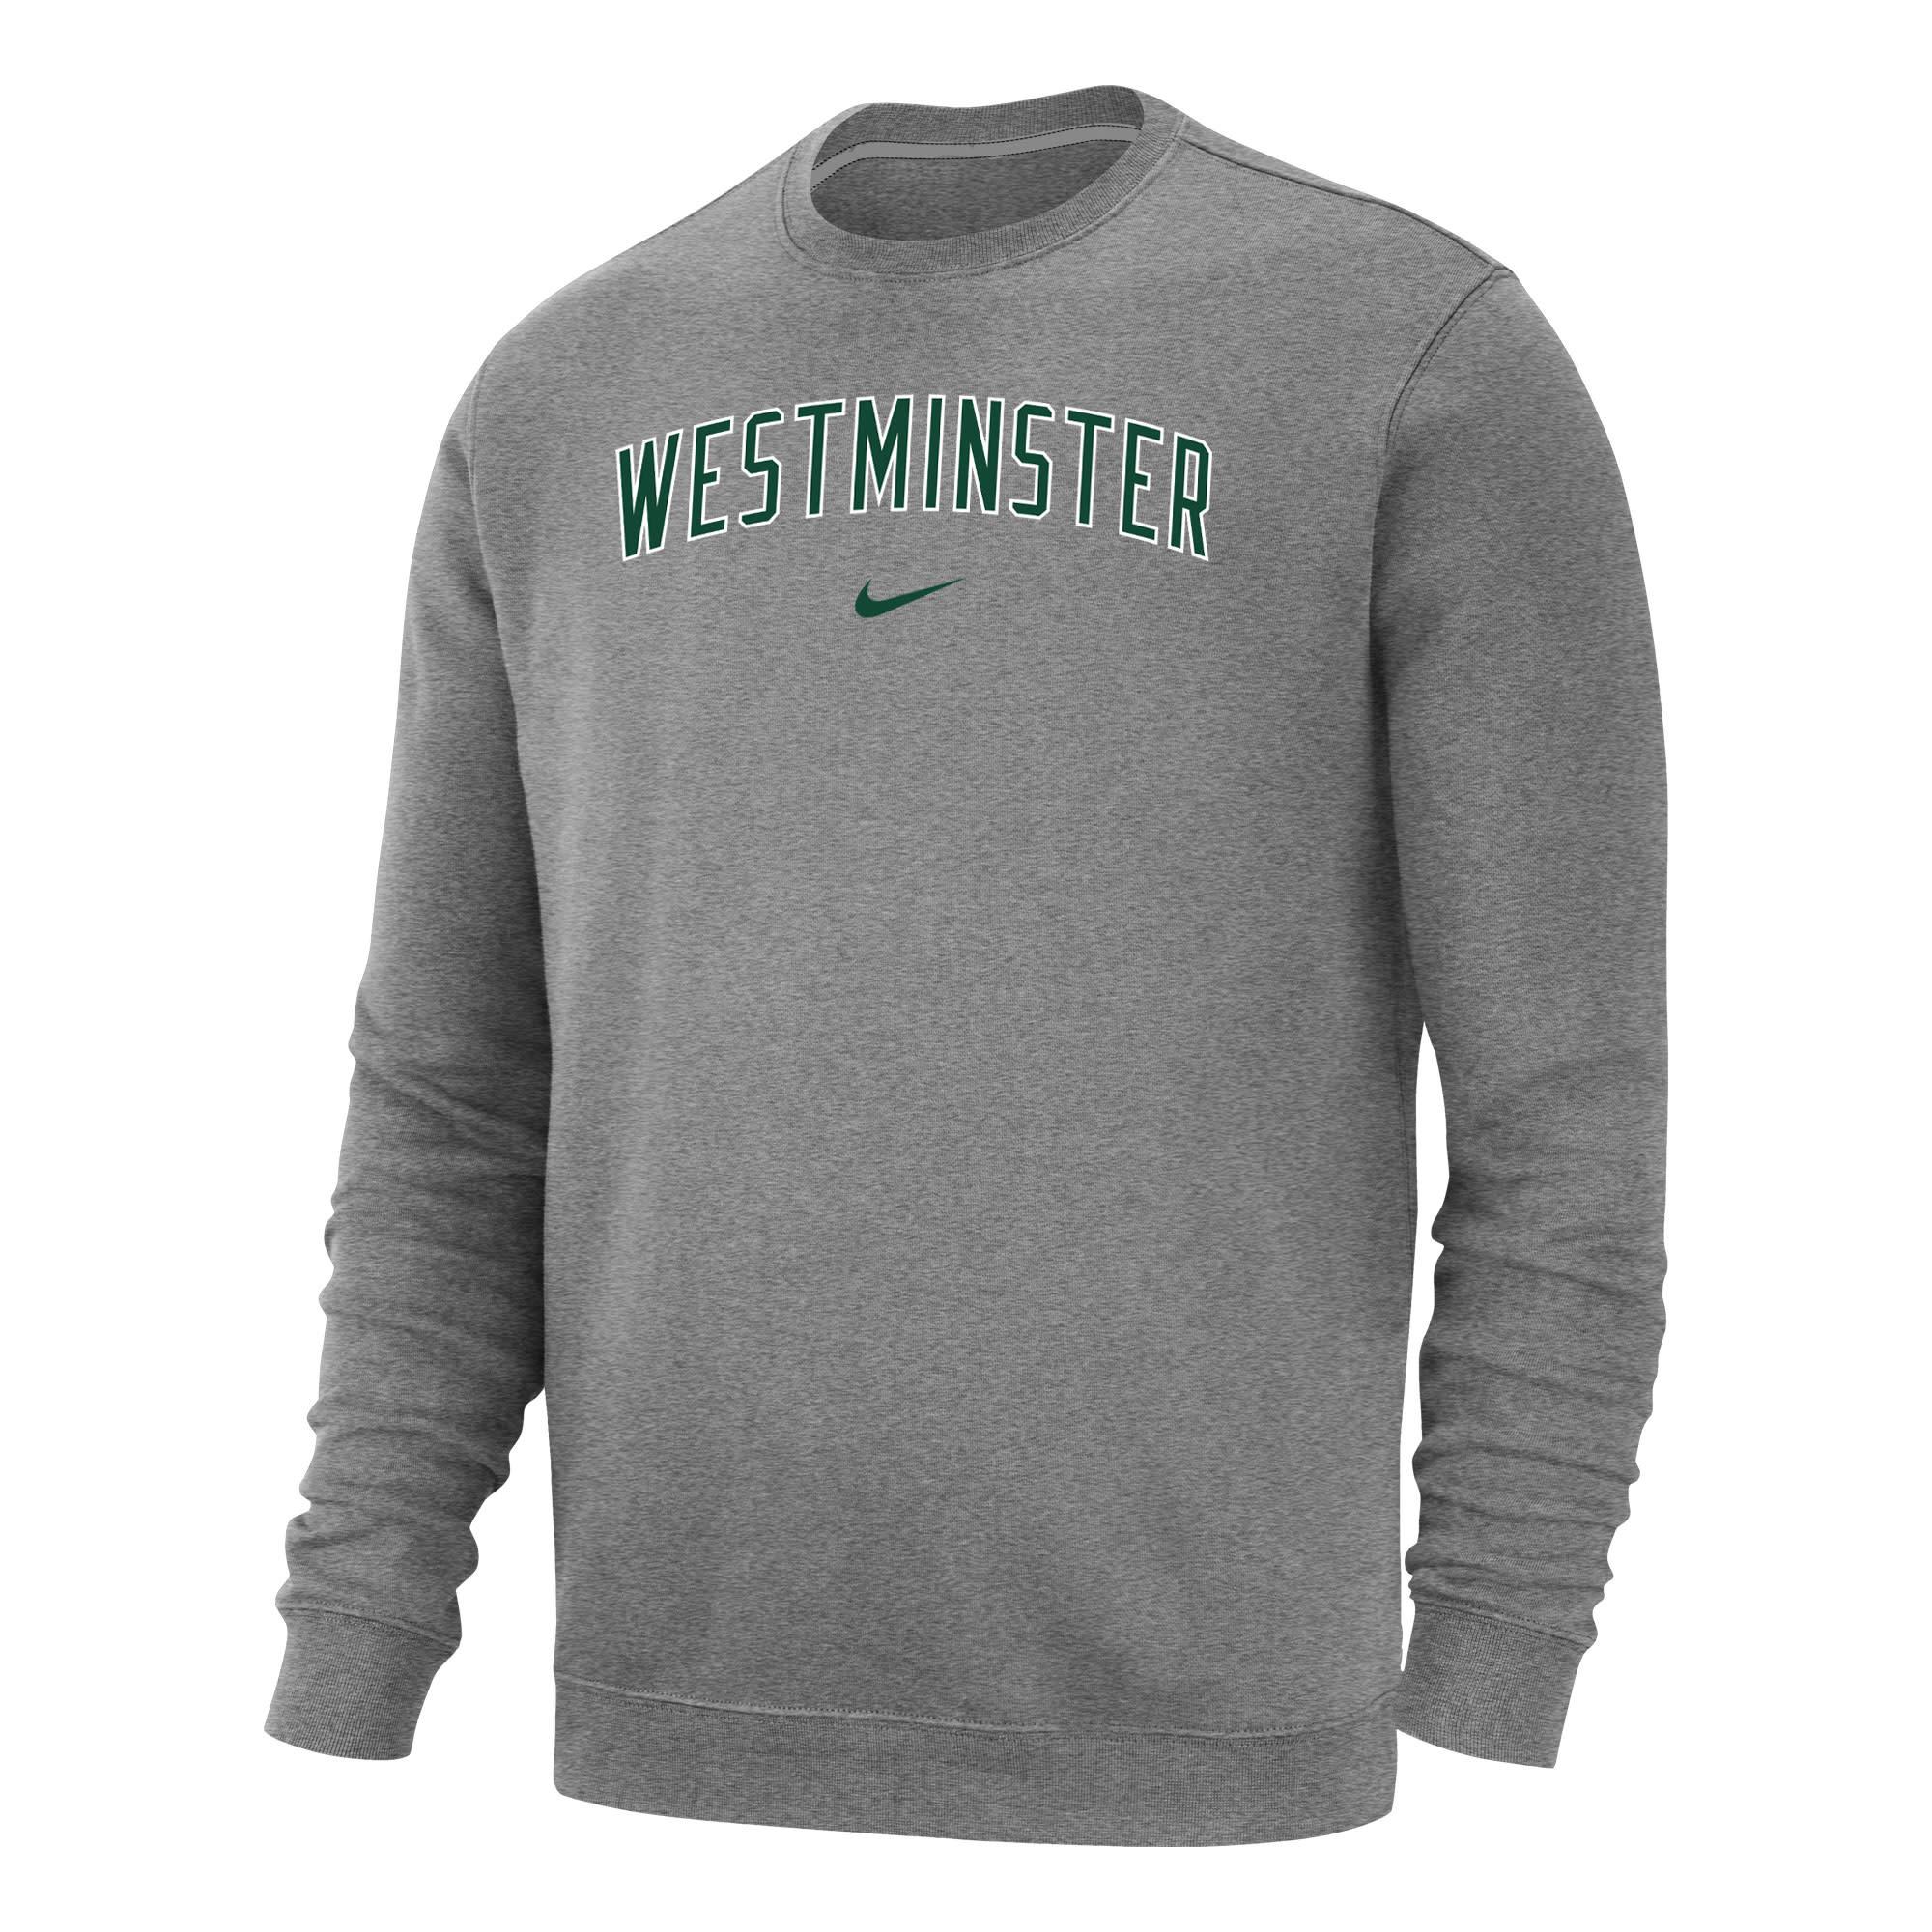 Nike Sweatshirt: Nike Club Fleece Crew - Light Gray